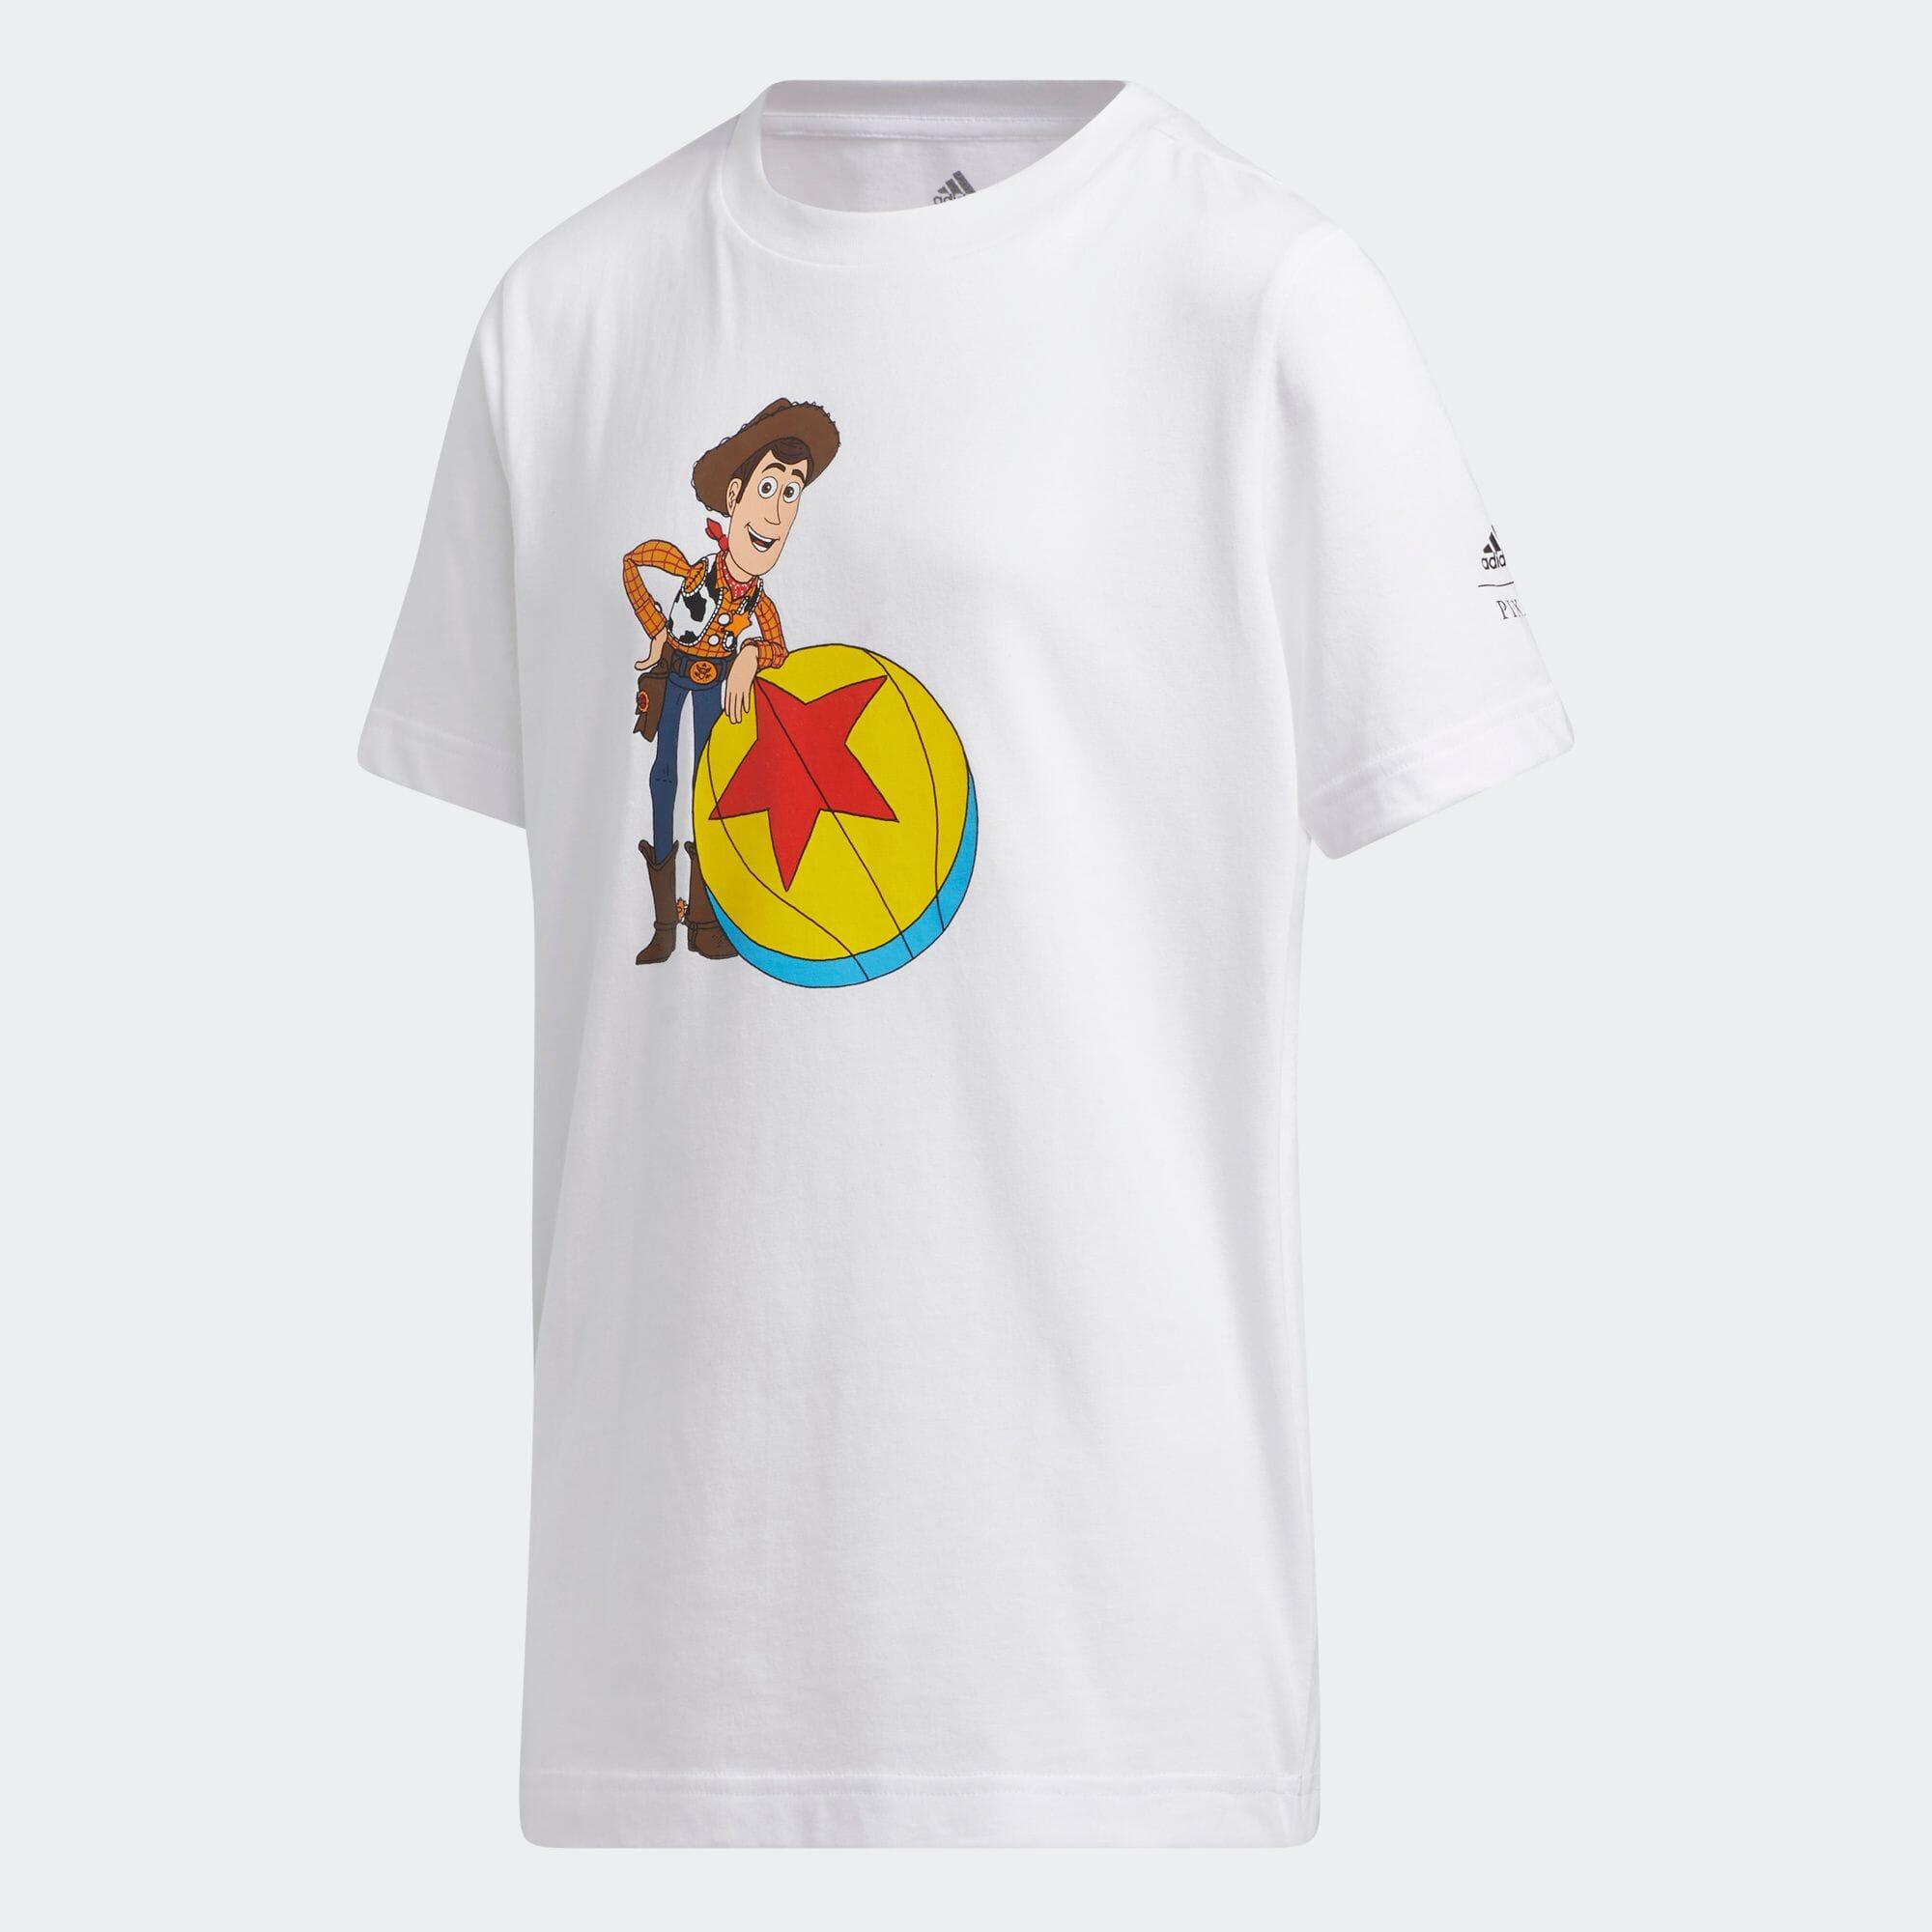 ウッディ × ルクソー バスケットボール トイ・ストーリーTシャツ / Woody × Luxo Basketball Toy Story Tee